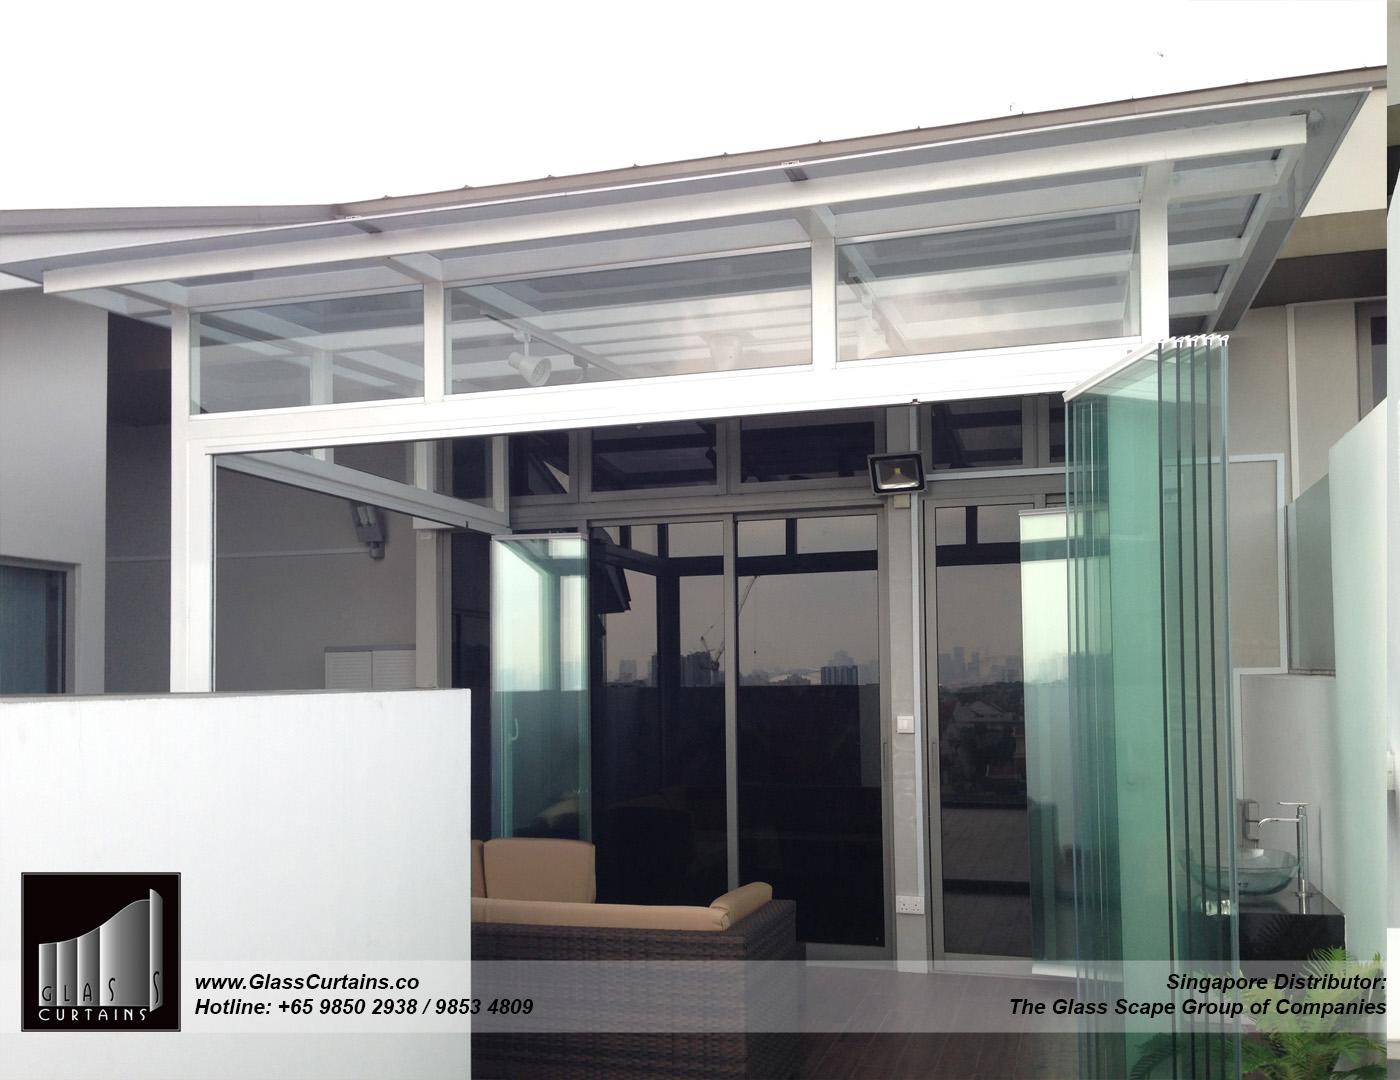 Patio frameless glass doors 2 opened.jpg